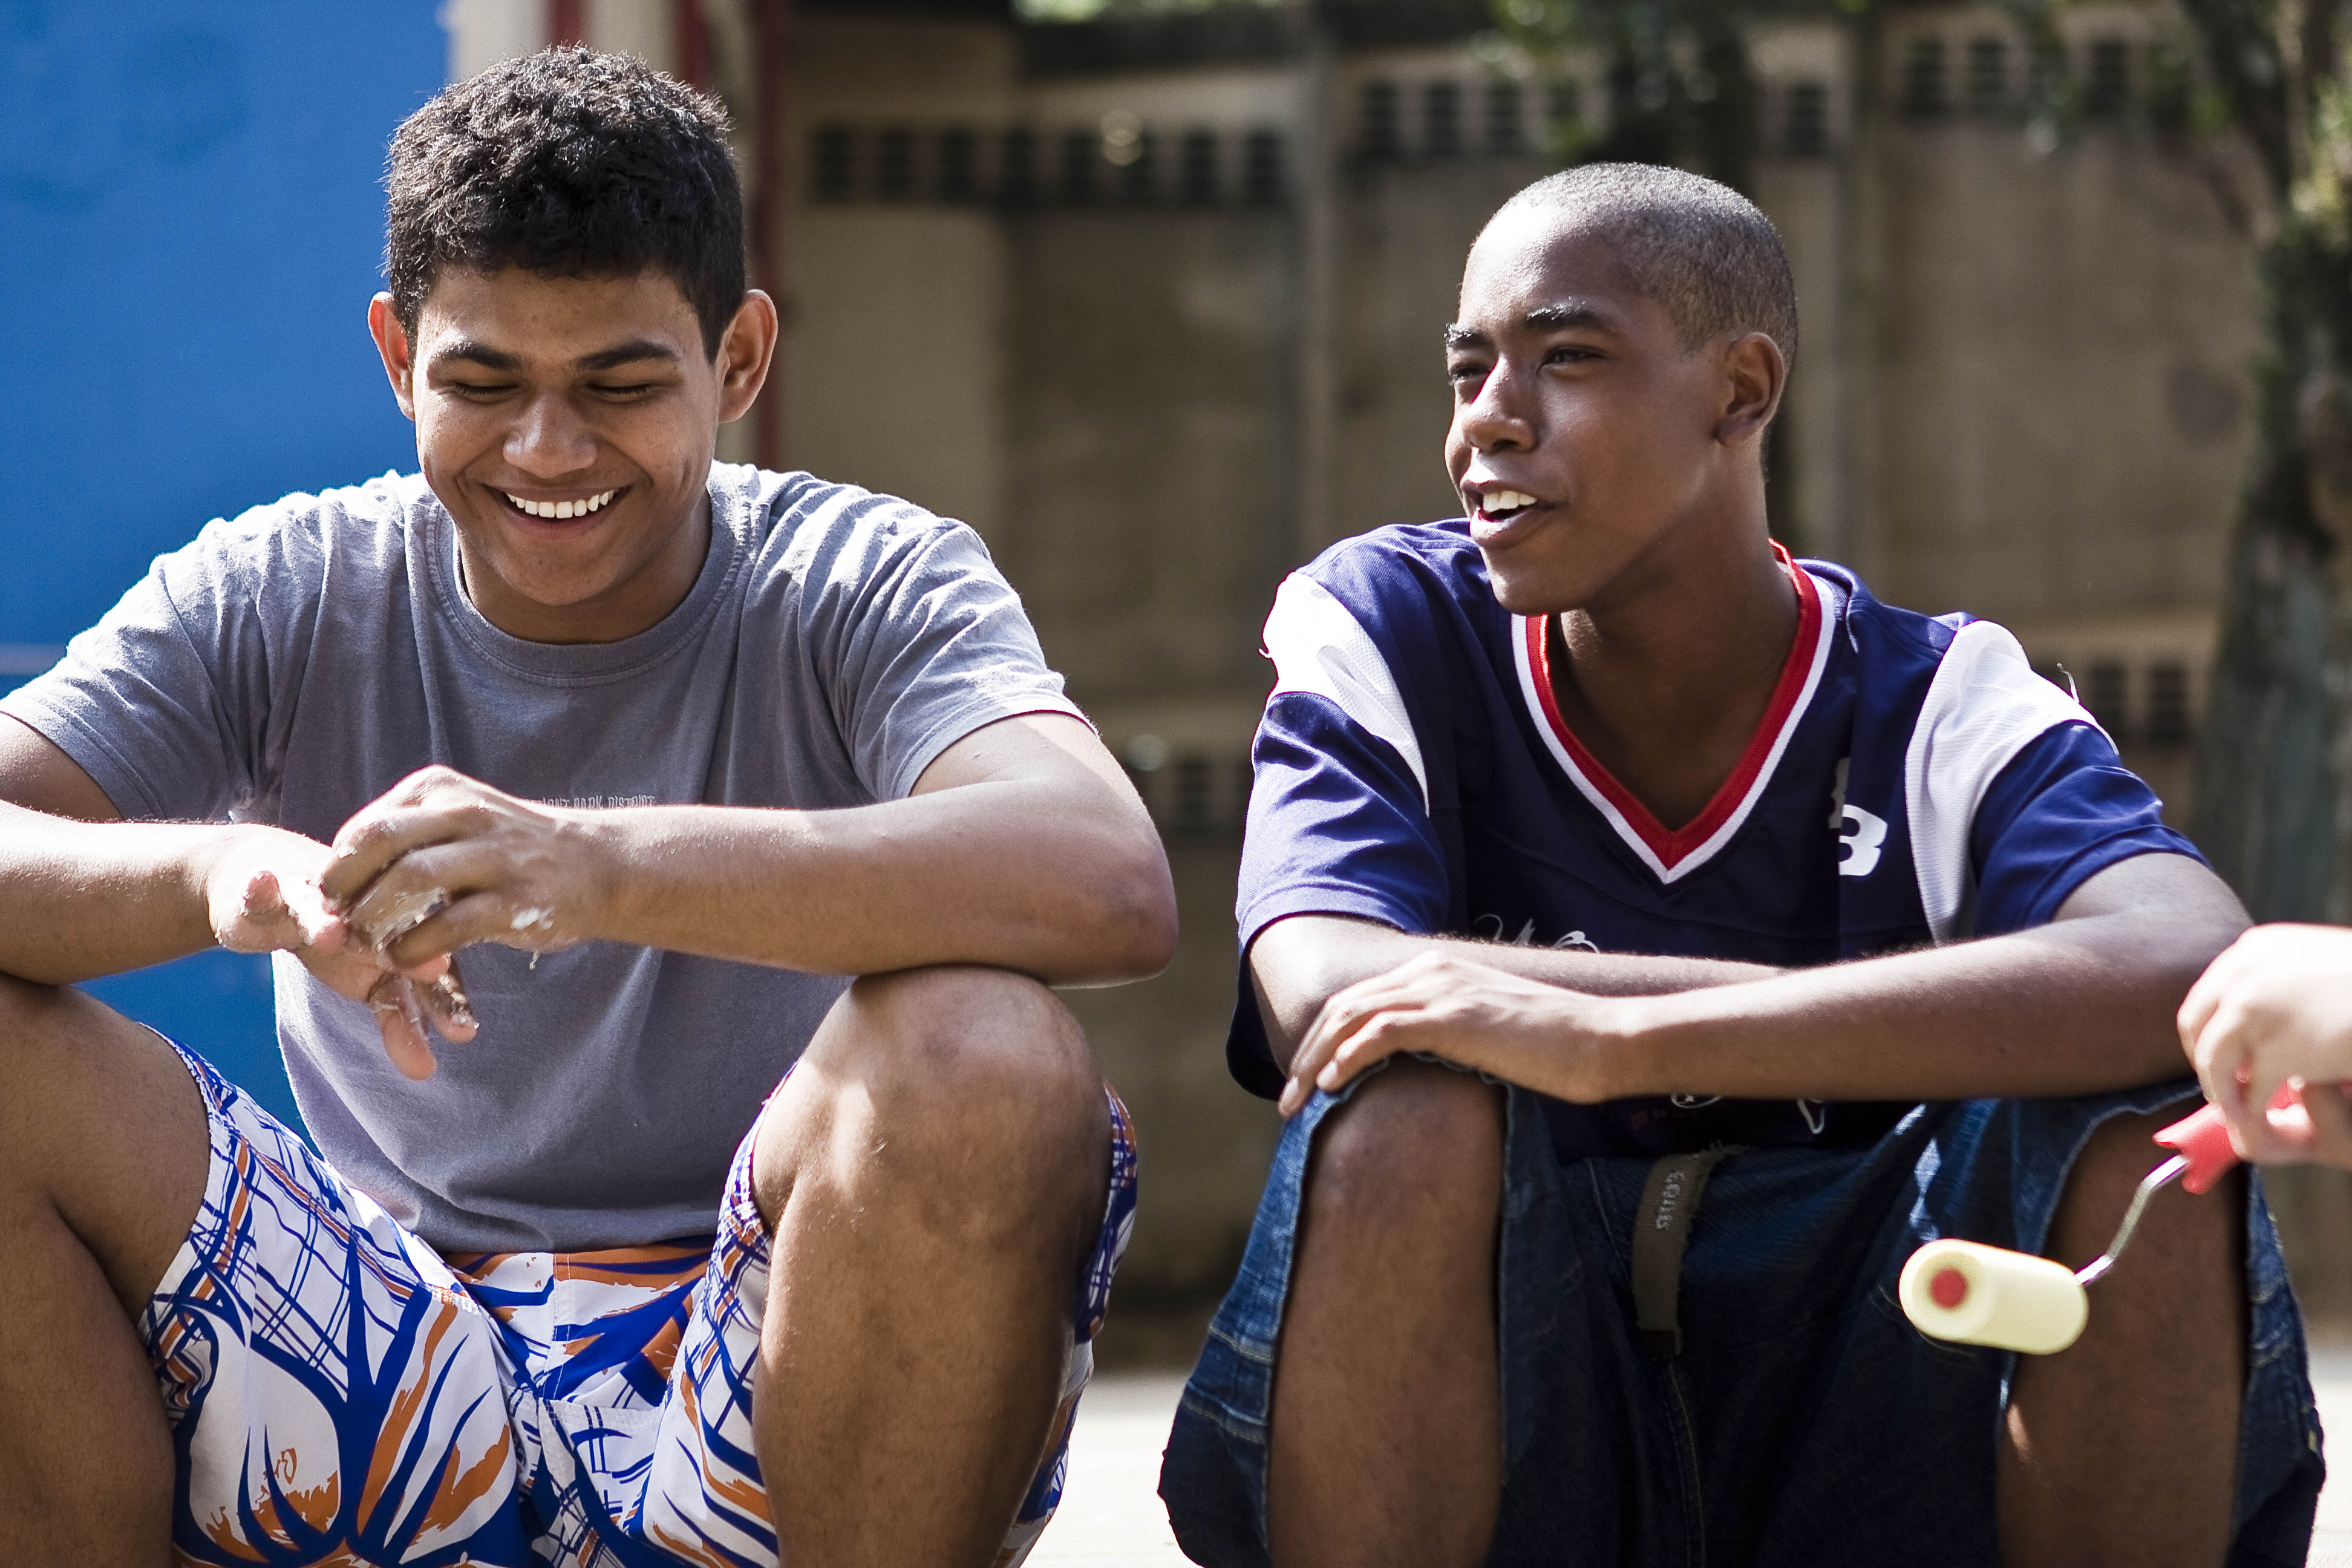 juventude sempre teve papel fundamental nos projetos do aprendiz